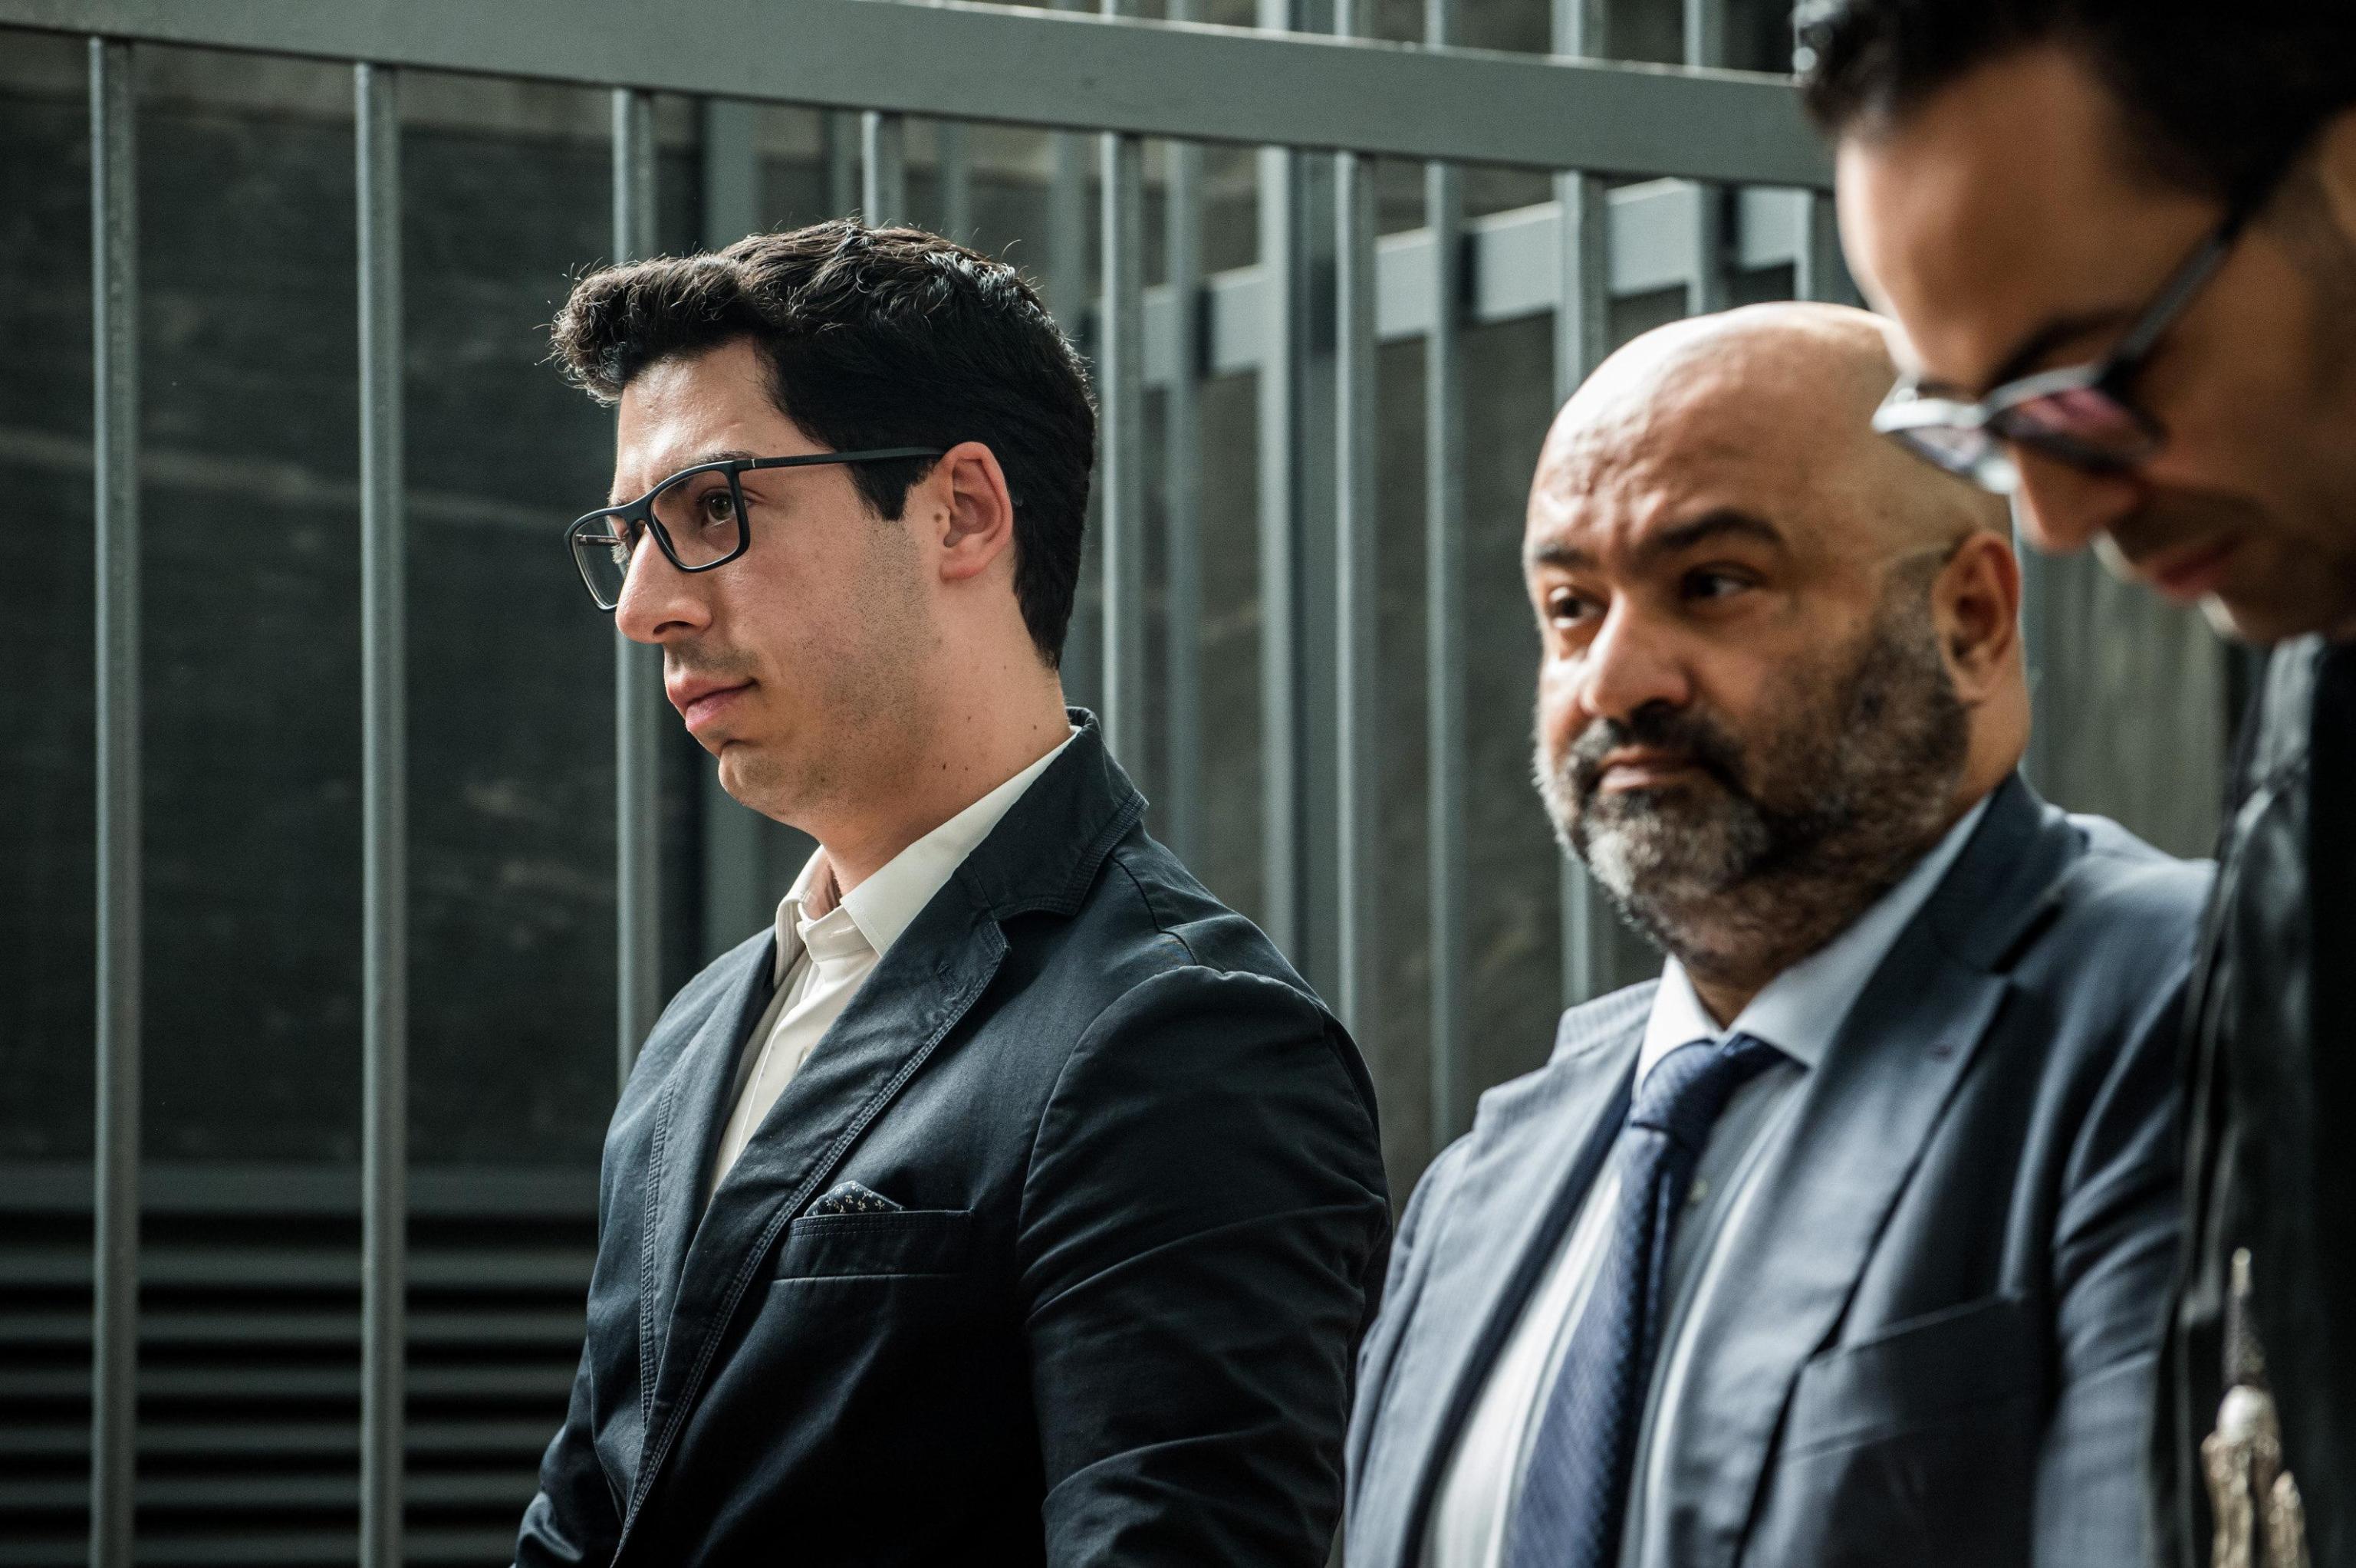 Umberto Bossi condannato, 2 anni e 3 mesi all'ex leader del Carroccio: condannato anche il figlio Renzo